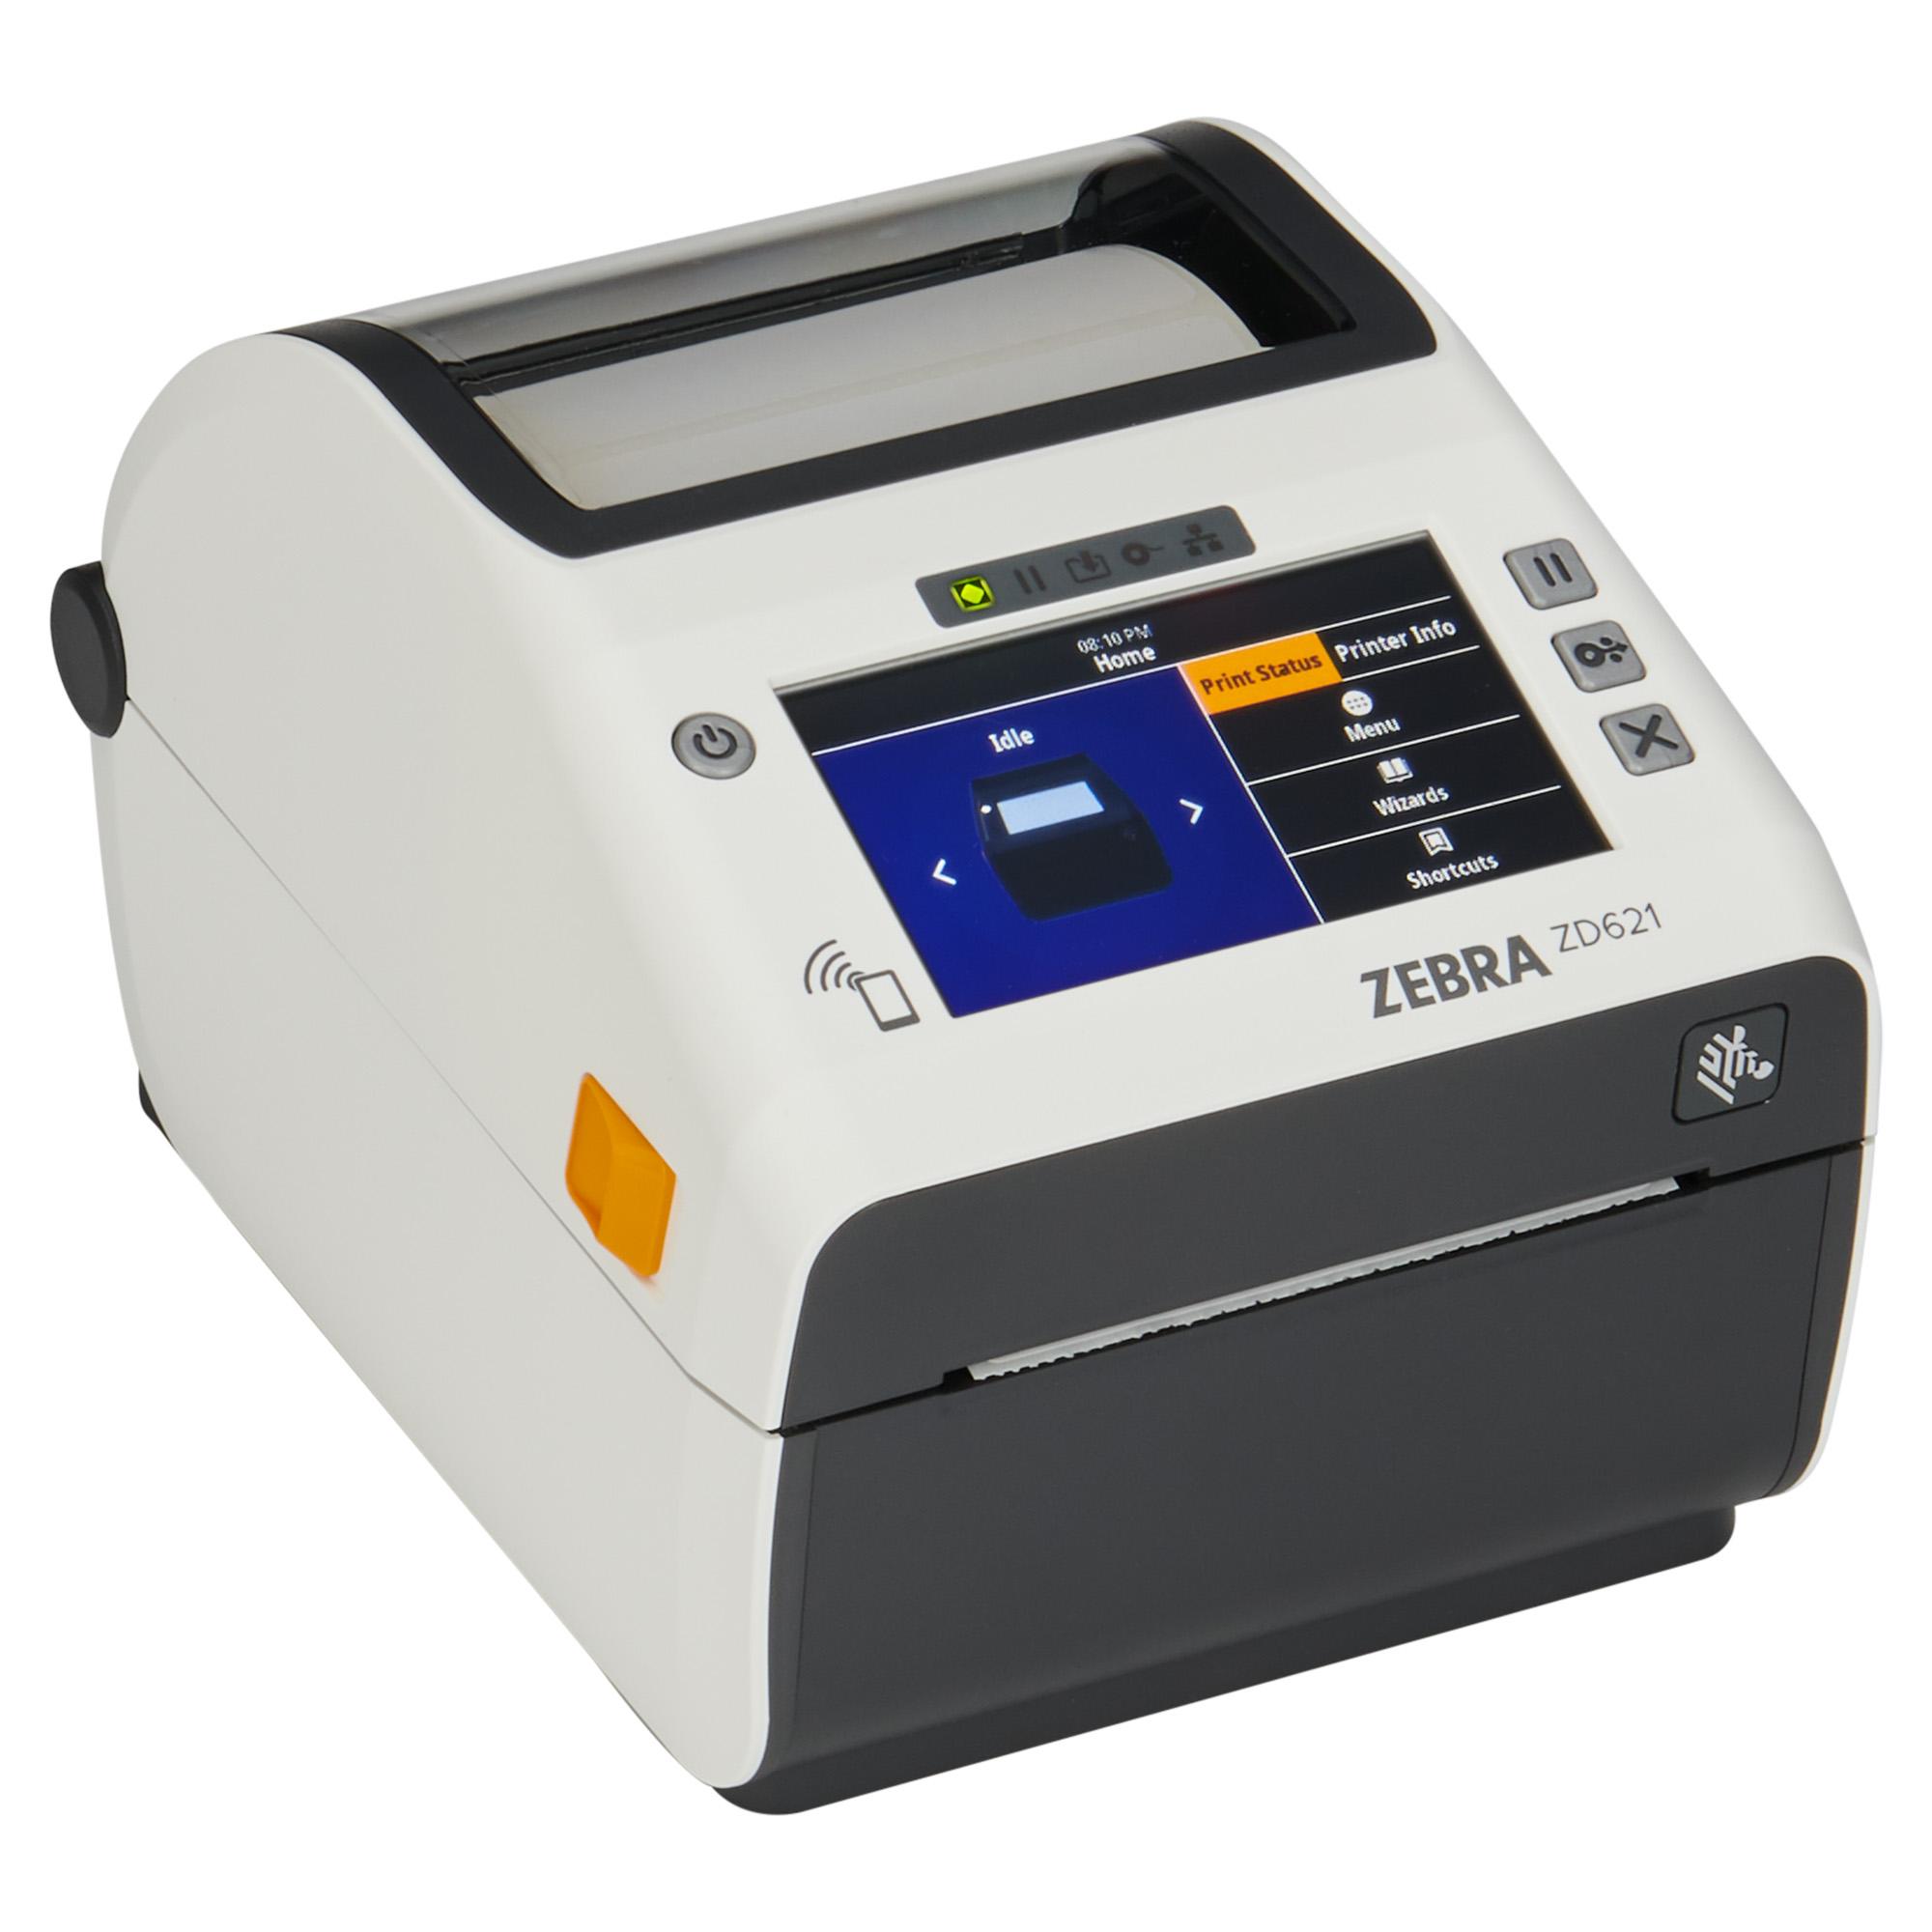 Zebra ZD621 Healthcare Desktop Printer